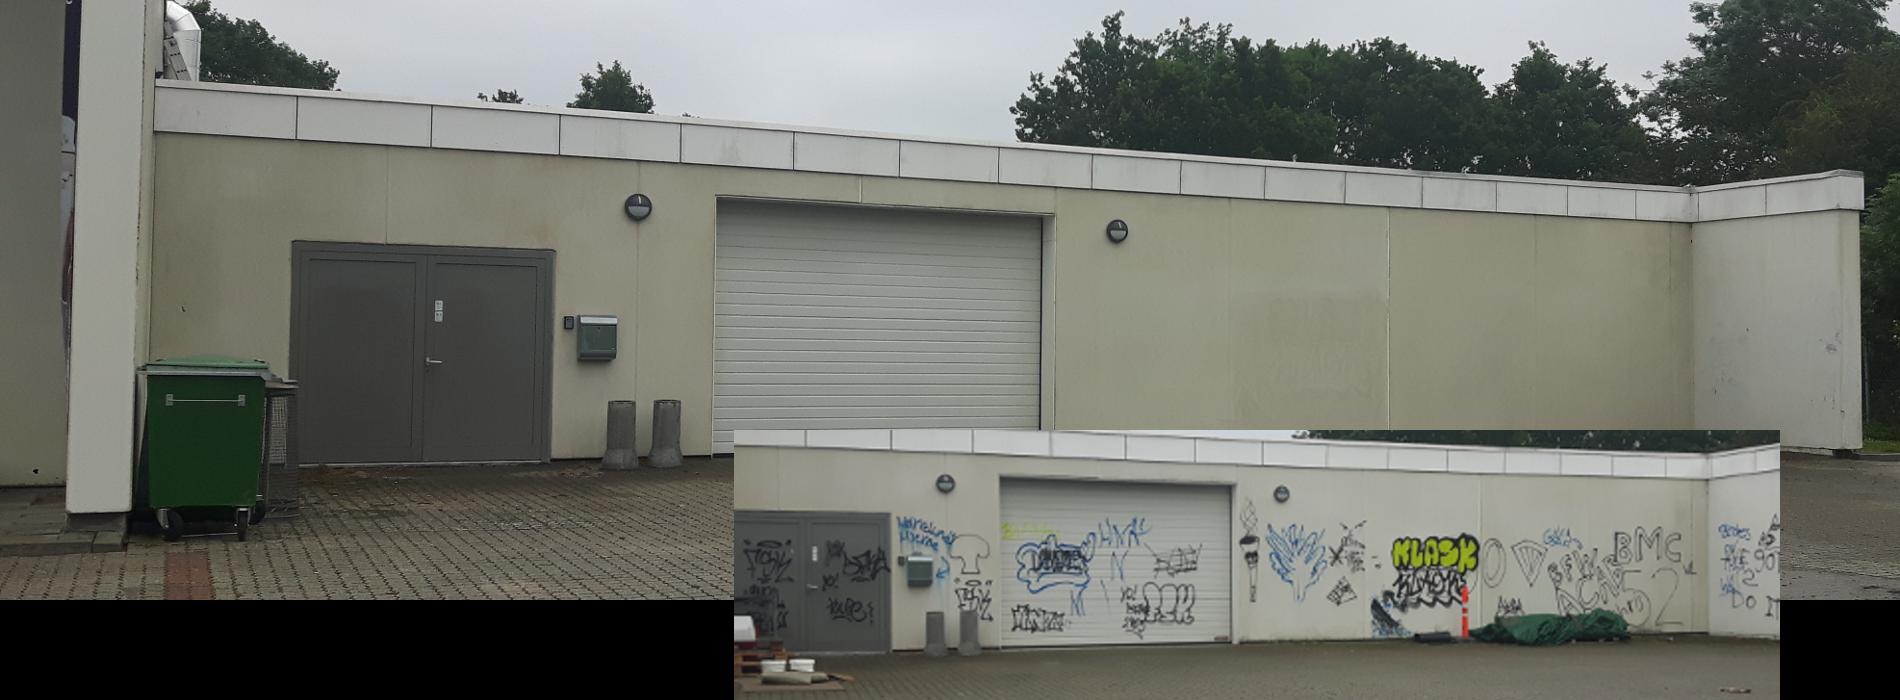 Billedet viser en facade overmalet med graffiti før og efter den er blevet renset med kemi og hedvand